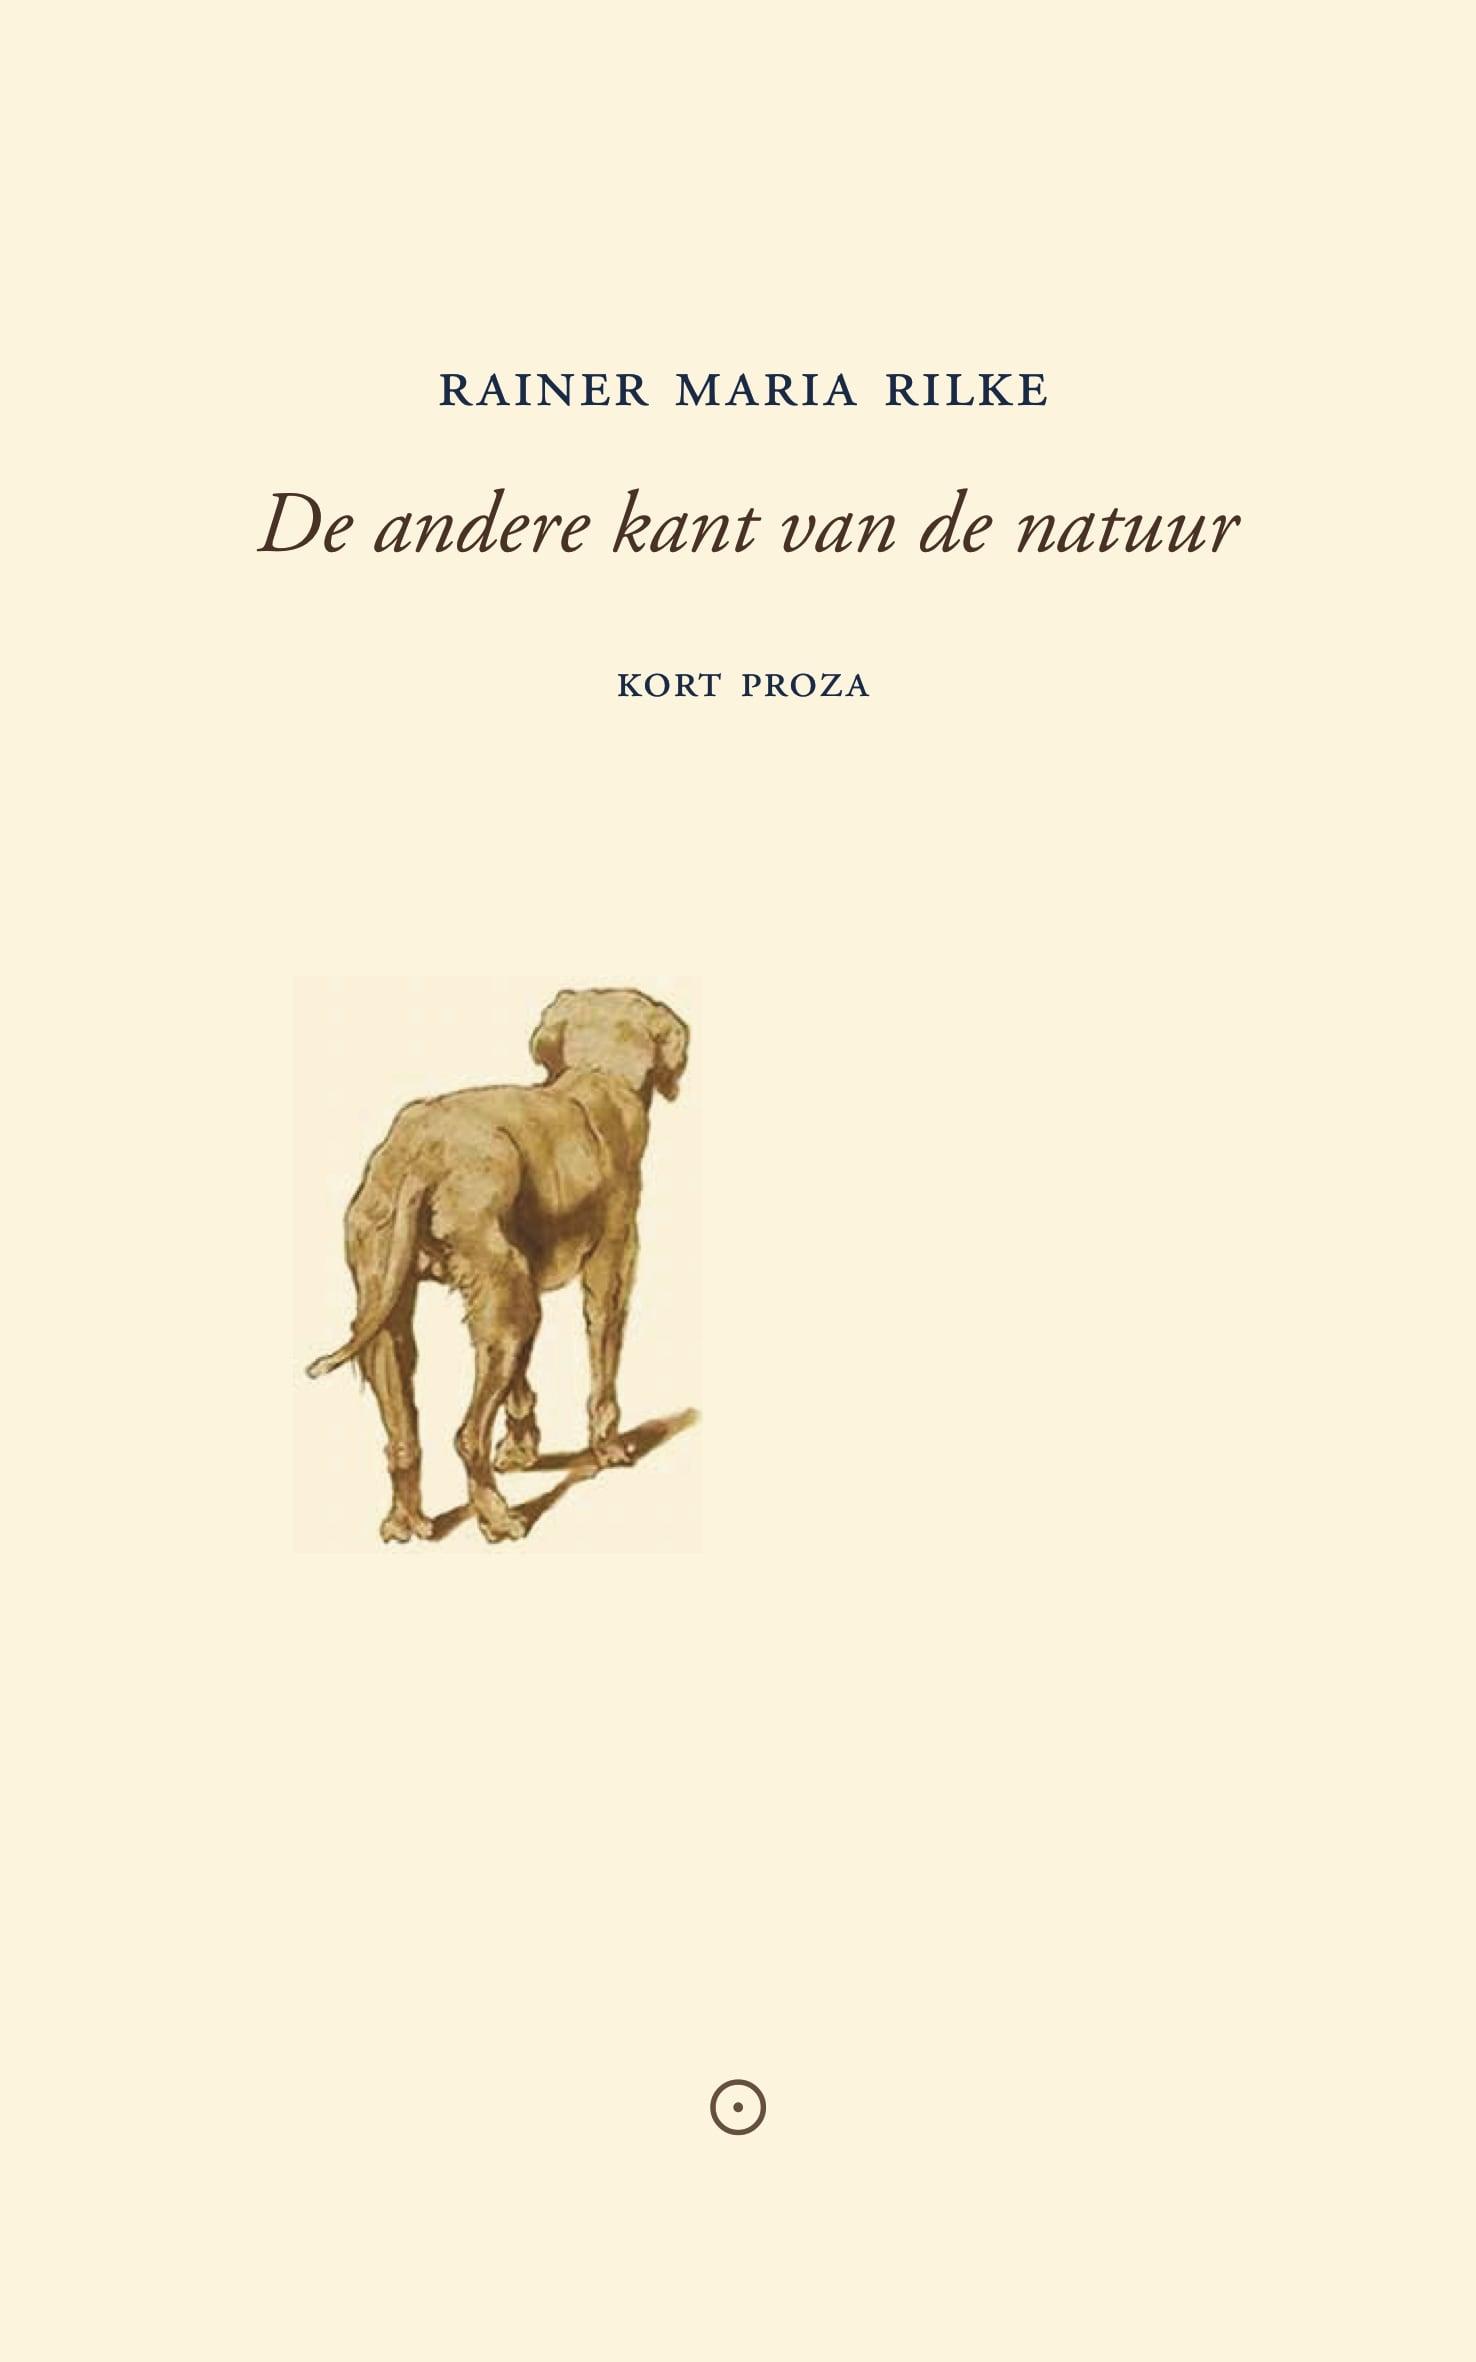 De andere kant van de natuur – Rainer Maria Rilke